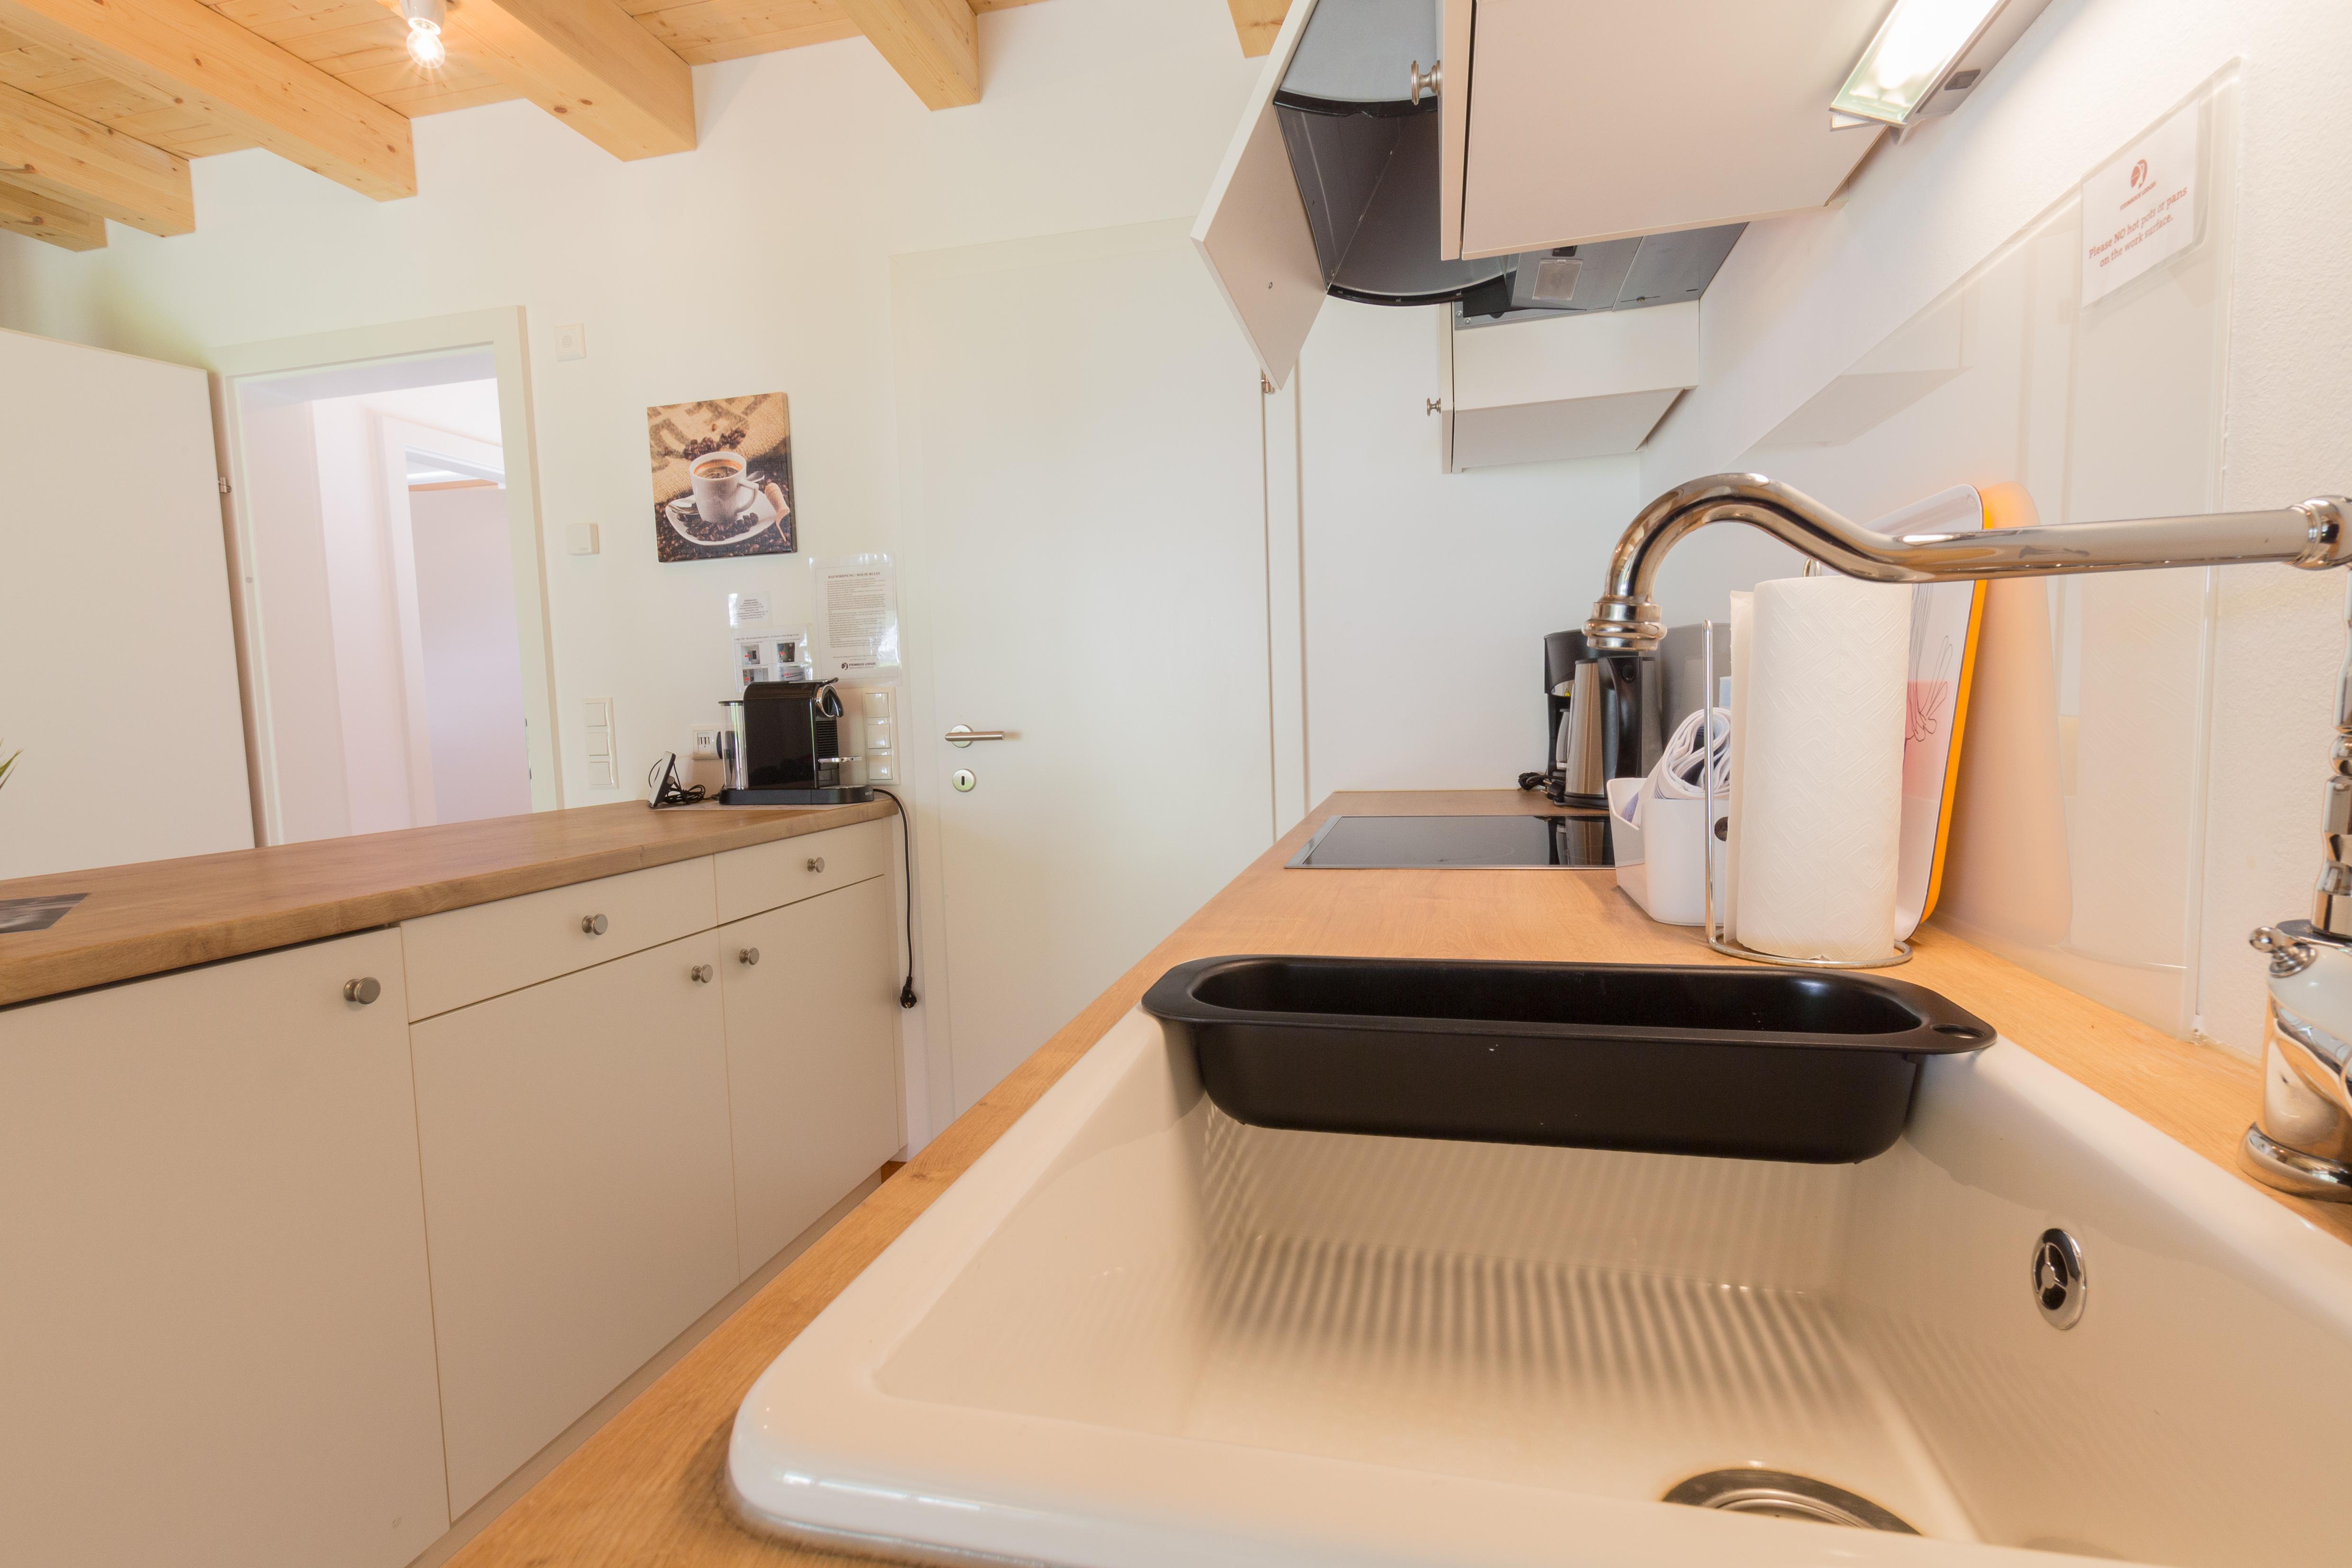 Maison de vacances Lodge Enzian direkt am Skilift (2050396), Uttendorf, Pinzgau, Salzbourg, Autriche, image 9